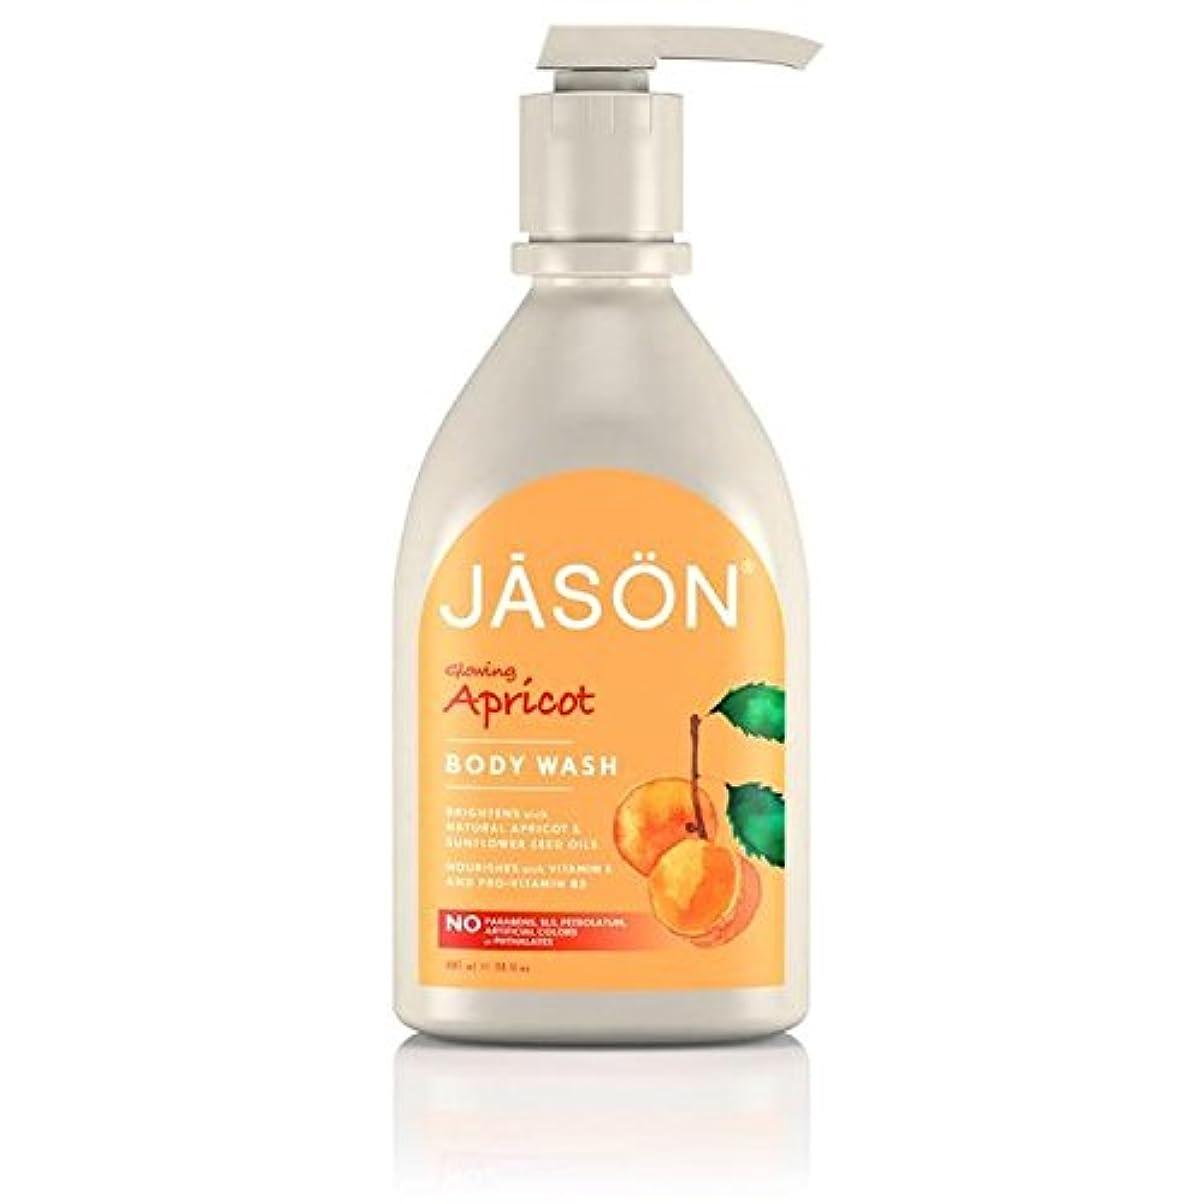 多様性宇宙の突破口ジェイソン?アプリコットサテンボディウォッシュポンプ900ミリリットル x2 - Jason Apricot Satin Body Wash Pump 900ml (Pack of 2) [並行輸入品]